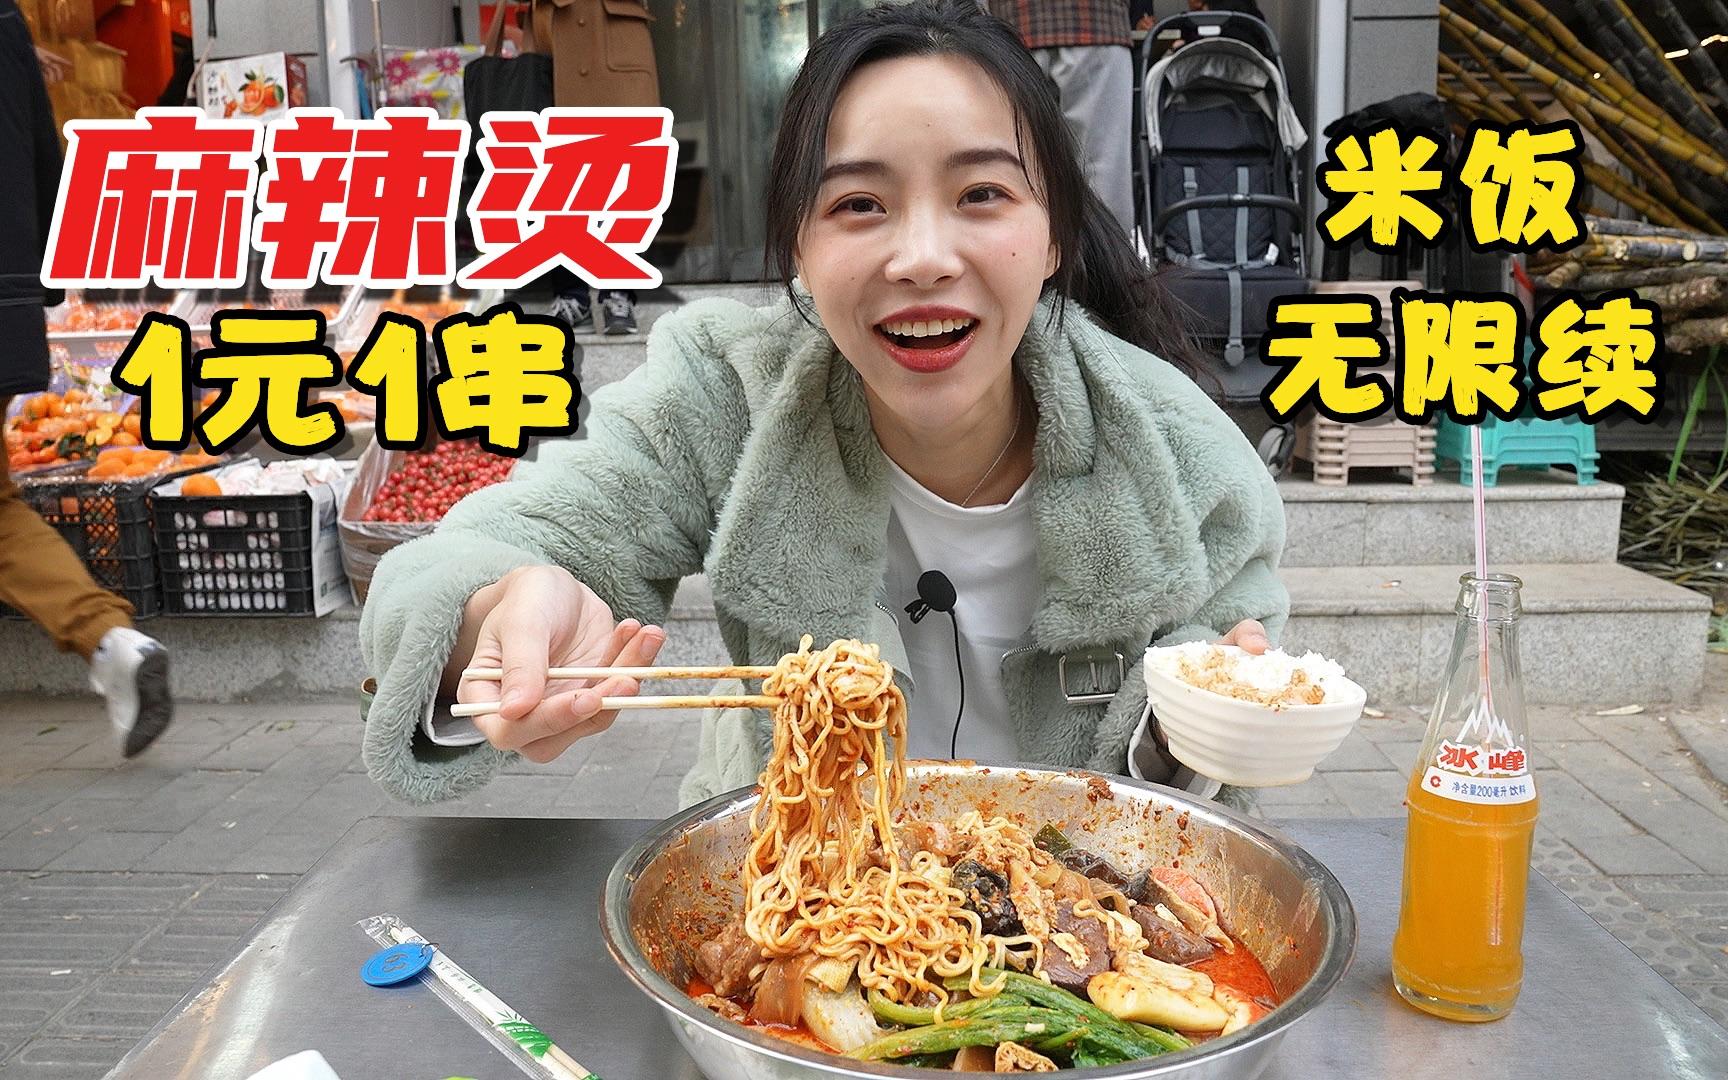 抱盆吃的麻辣烫, 1元1串, 人均15吃到撑, 米饭管饱无限续!